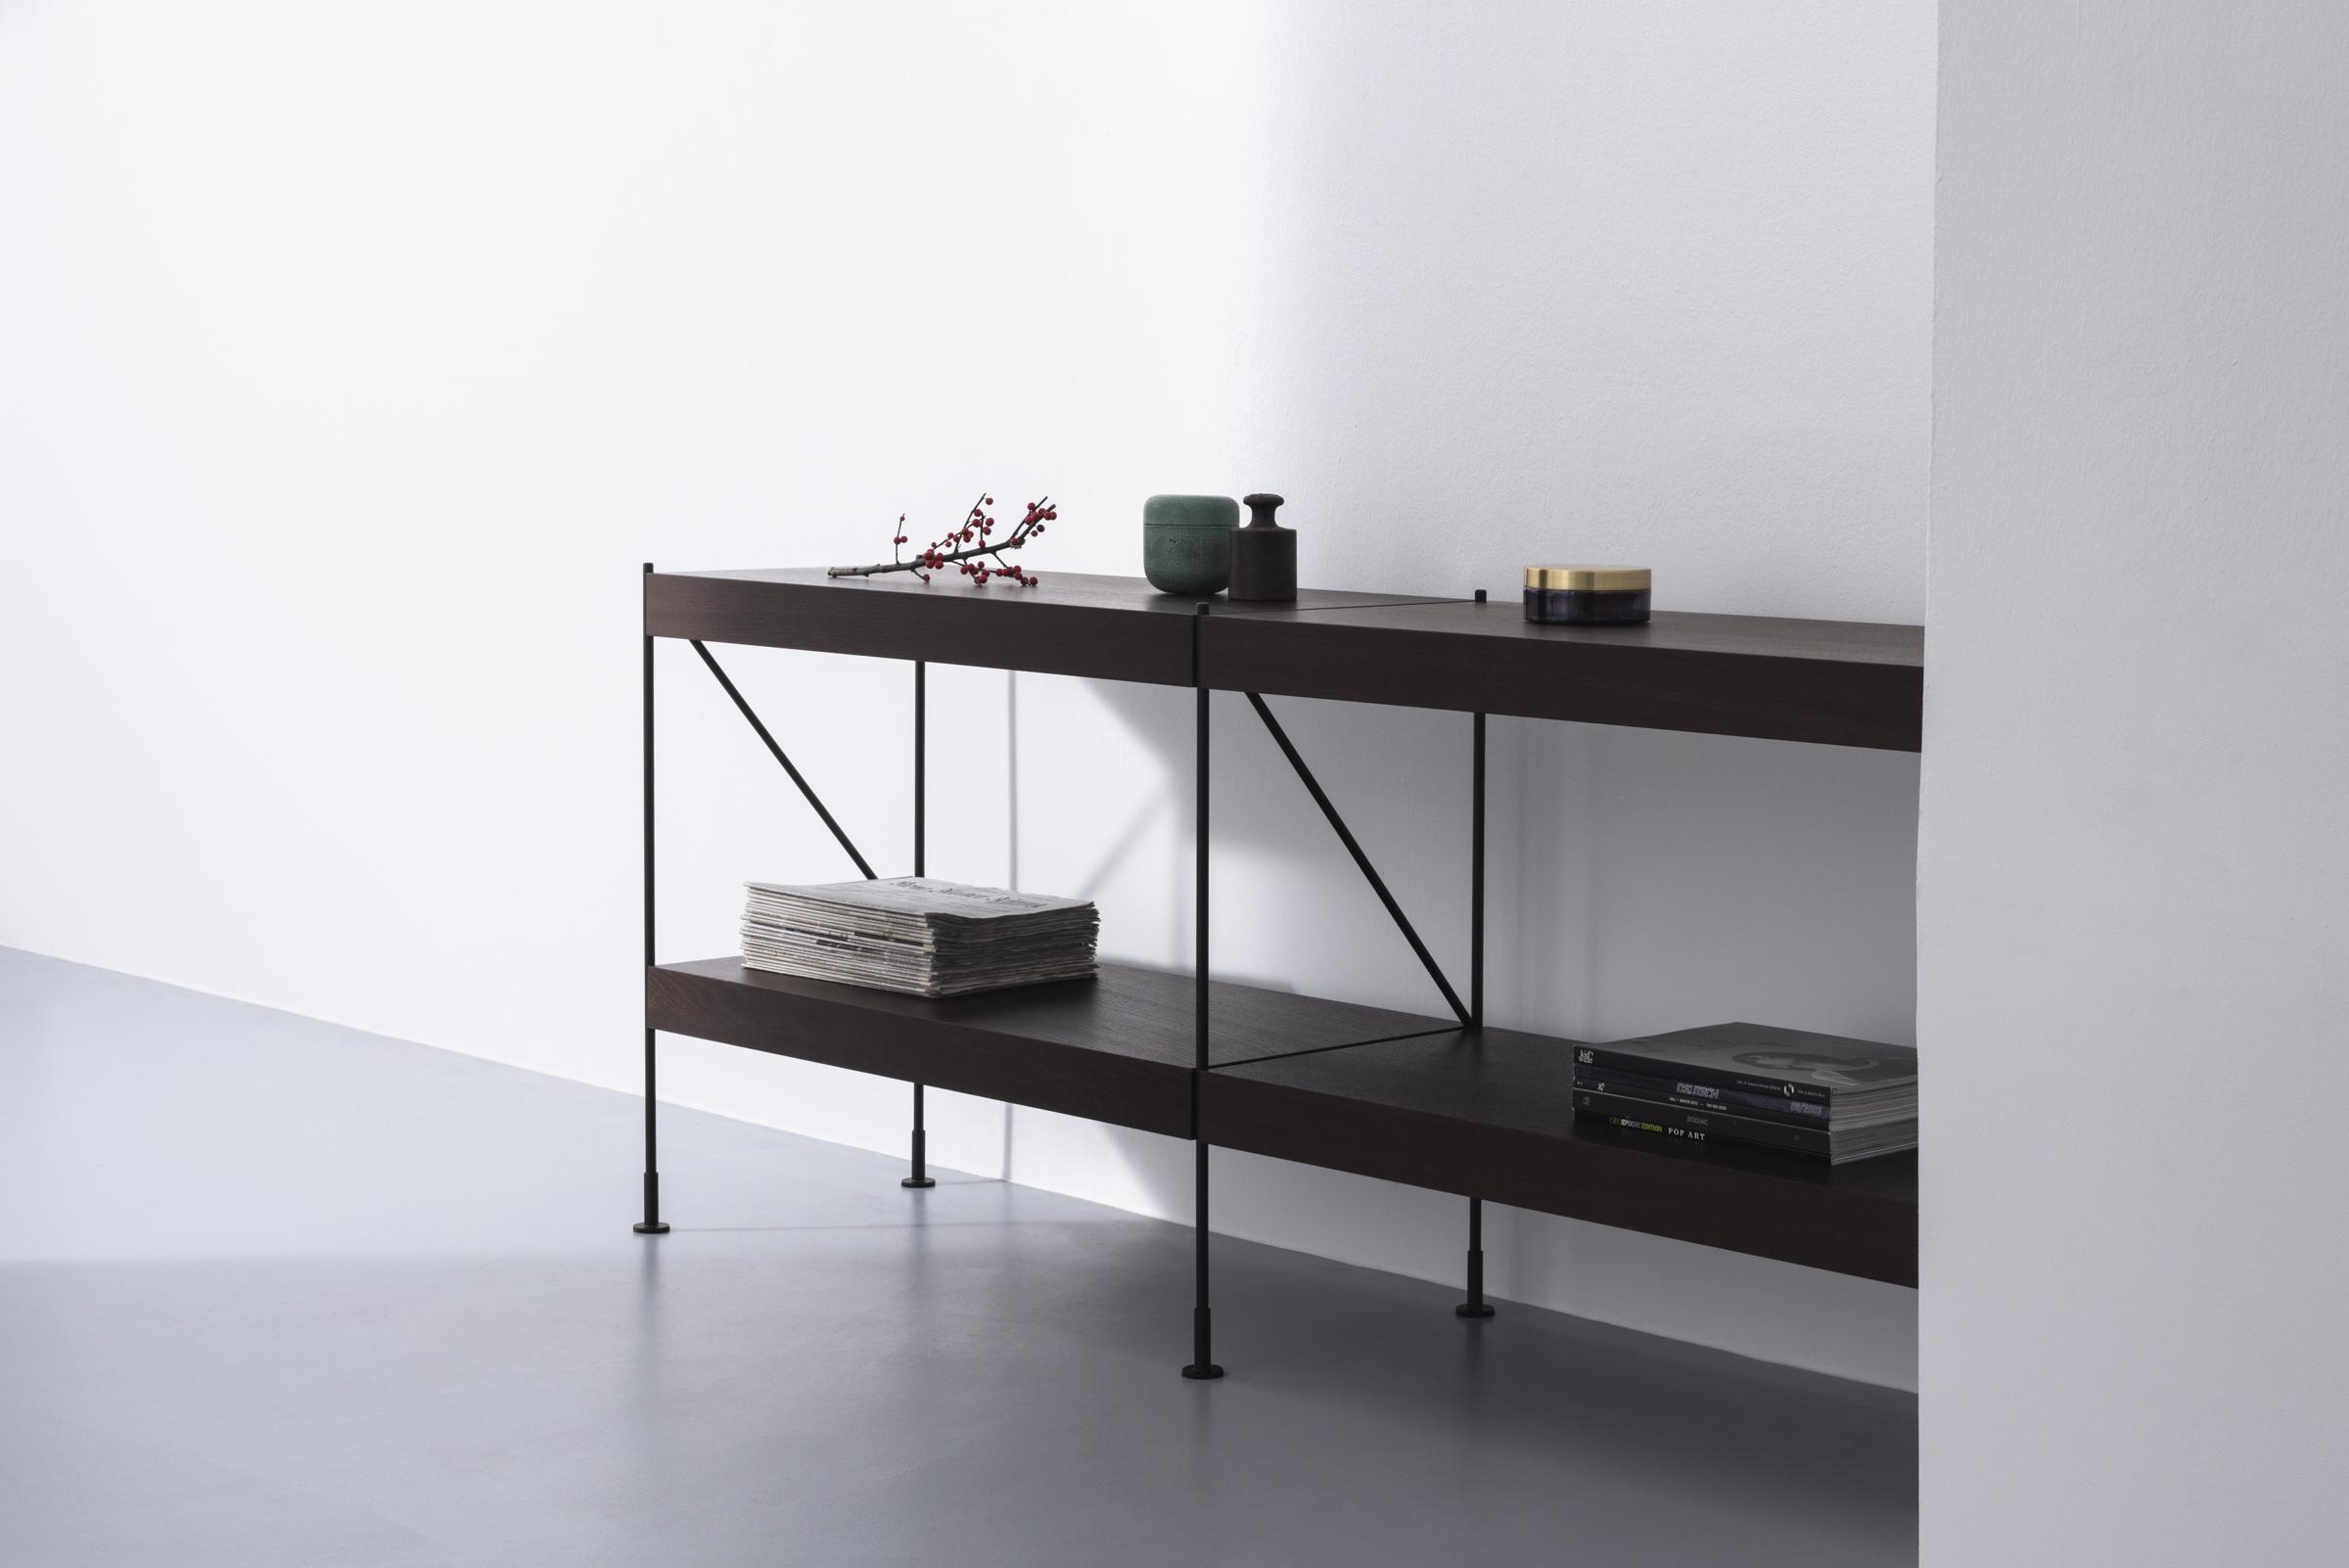 zet shelves 1.jpg